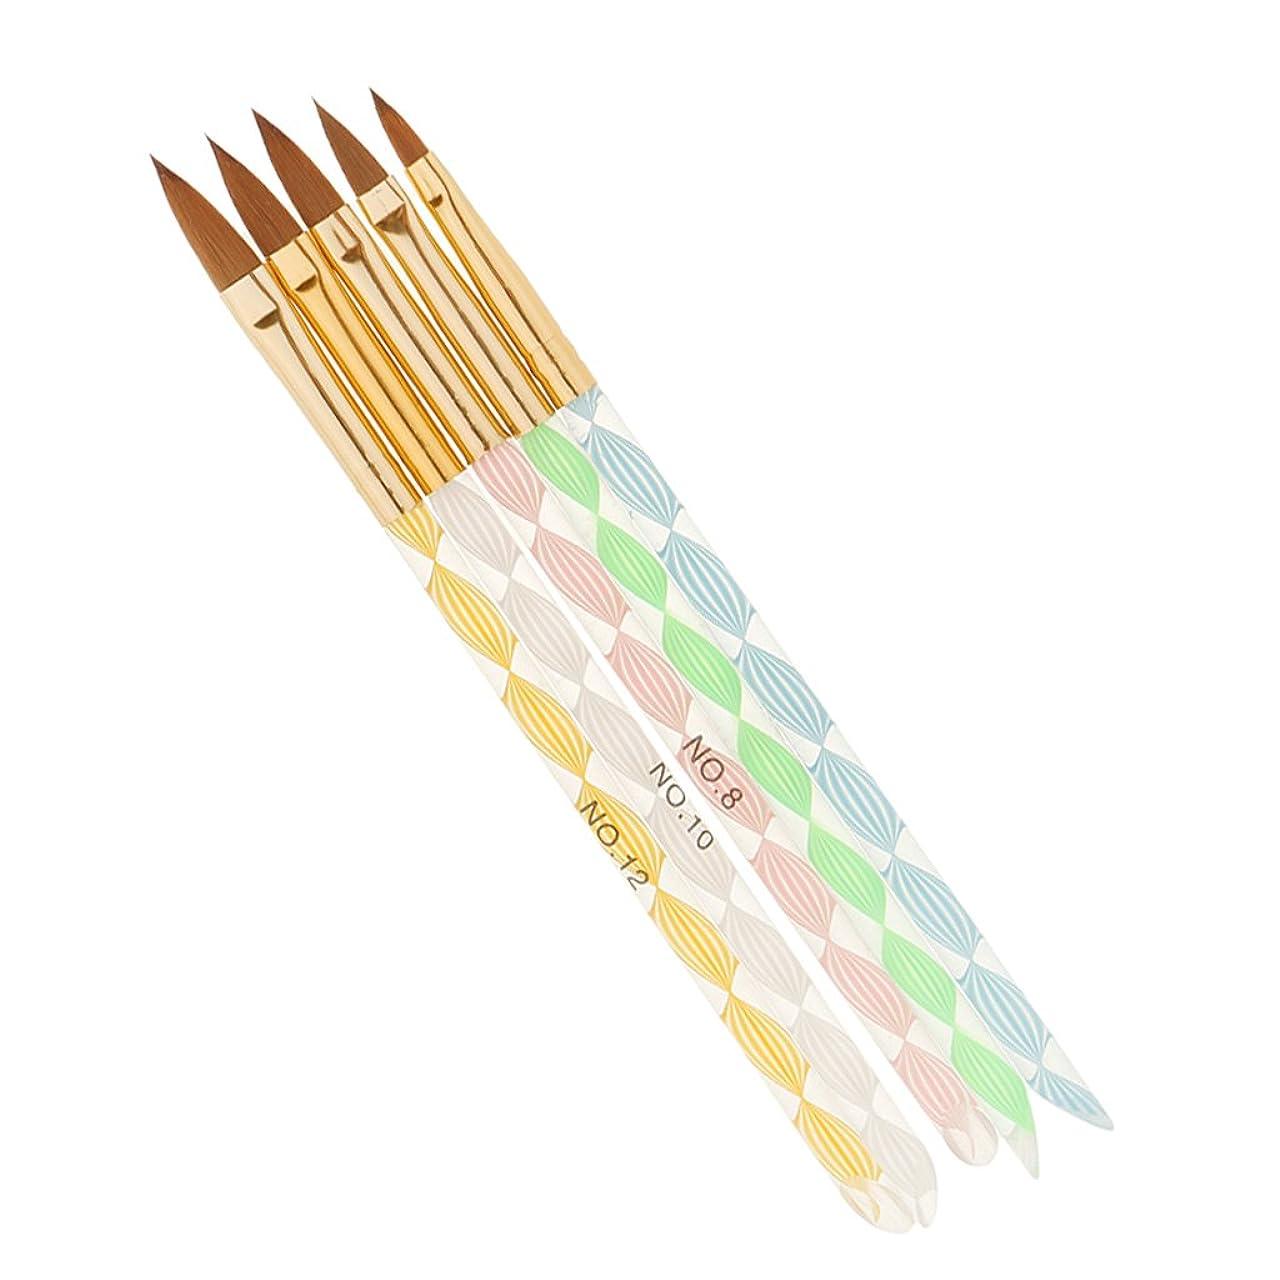 床眠いですベーコンPerfk 5本 ネイルアート デザイン ブラシキット マニキュアツール 絵画 描画 磨き ブラシ